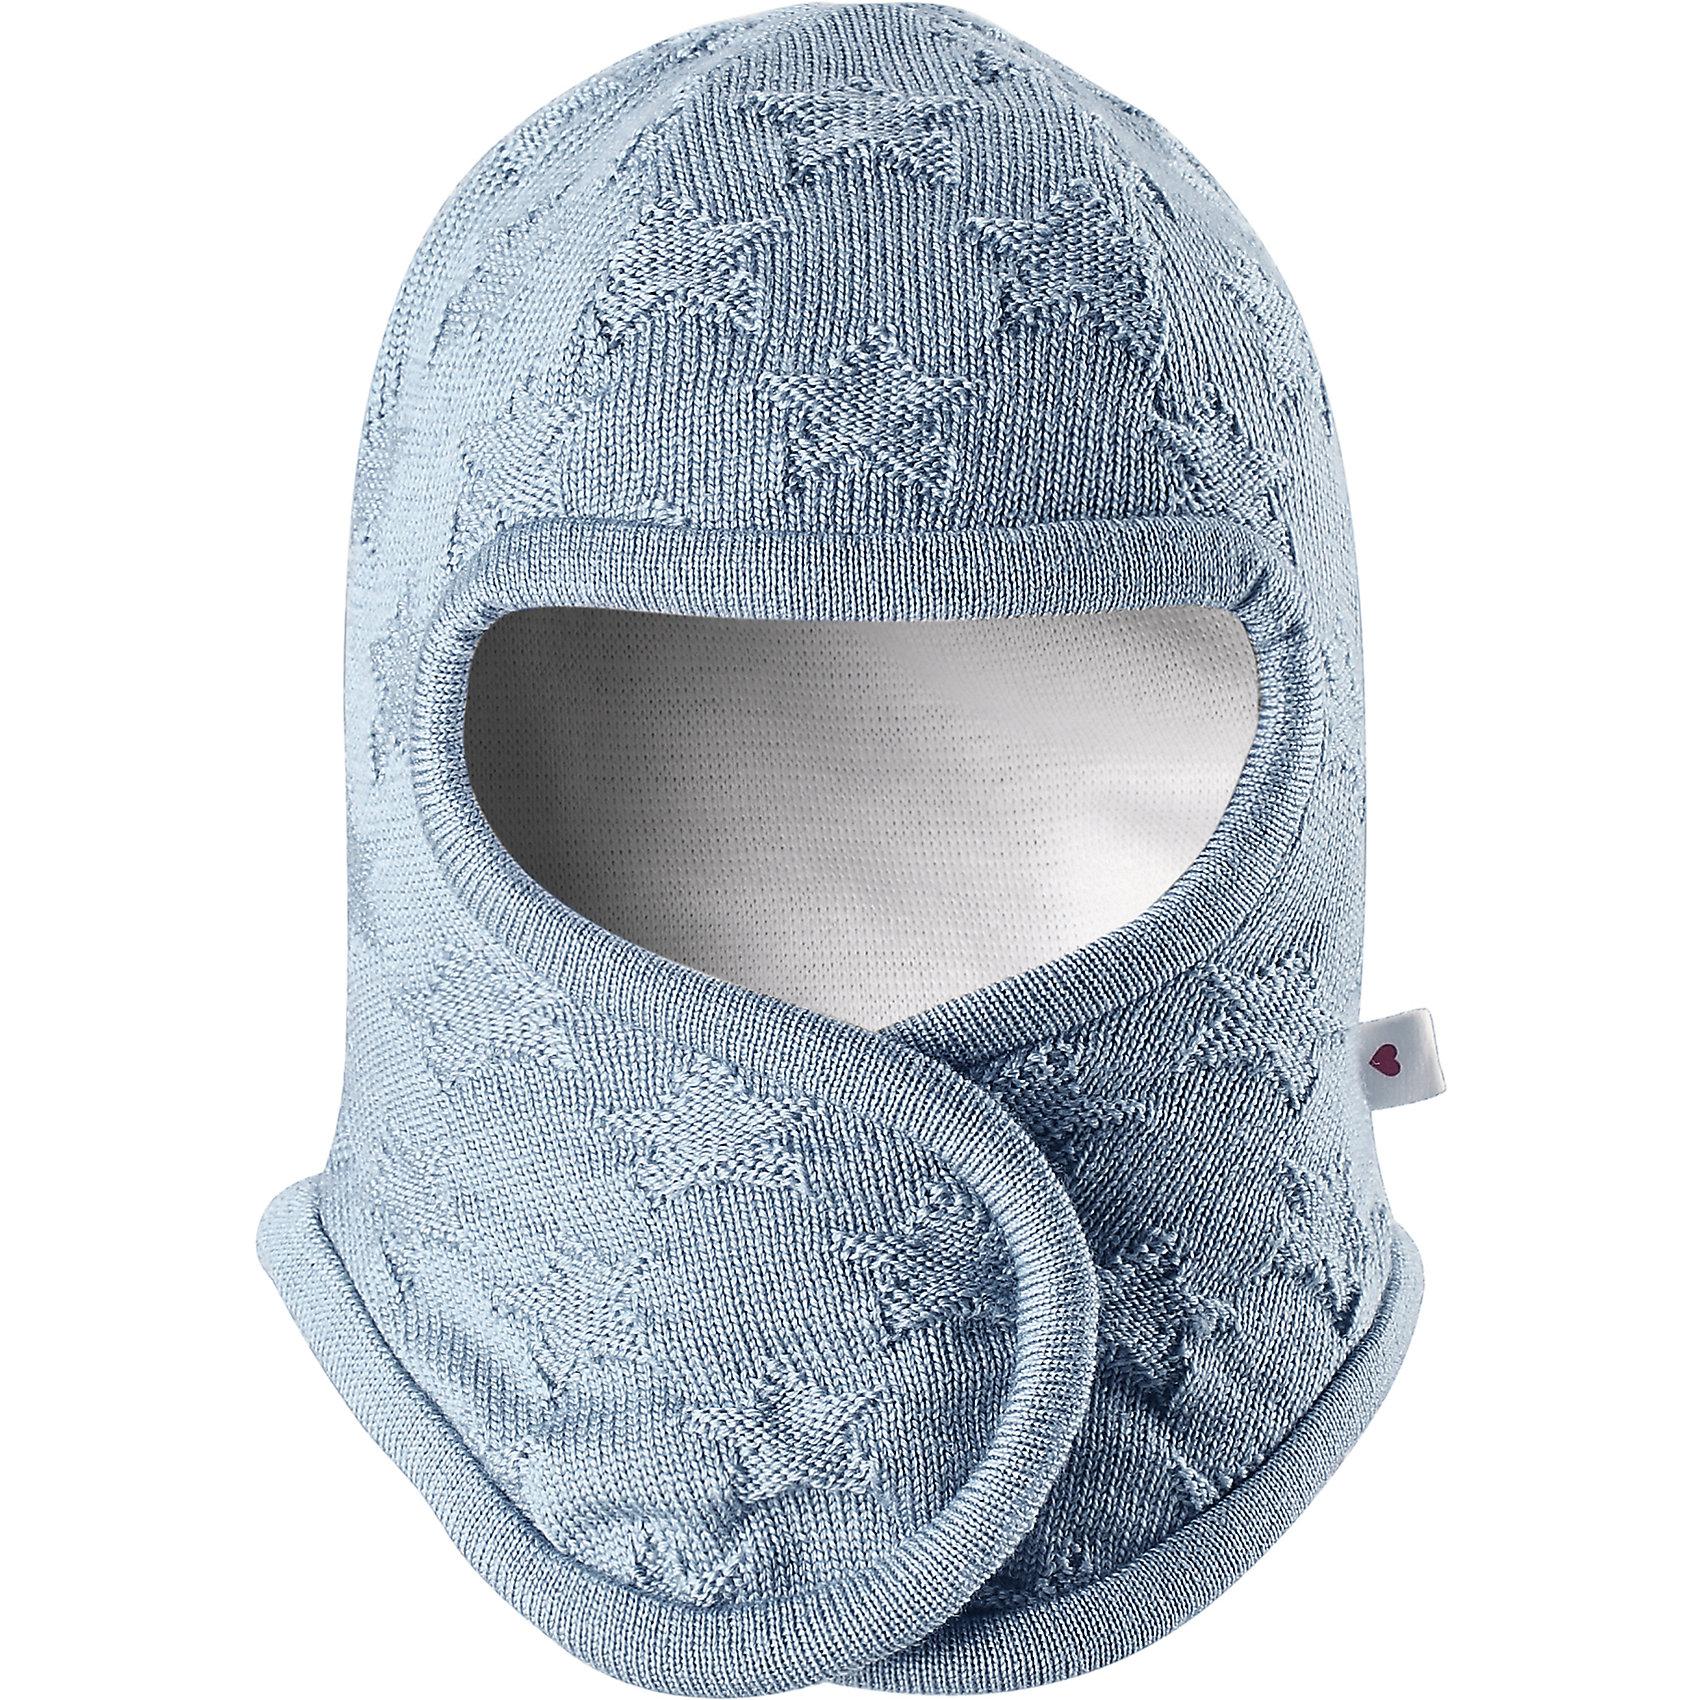 Шапка-шлем Littlest ReimaШапки и шарфы<br>Шапка  Reima<br>Шапка-шлем для самых маленьких. Ткань из смеси мериносовой шерсти сохраняет тепло даже при намокании. Шерсть идеально поддерживает температуру. Товар сертифицирован Oeko-Tex, класс 1, одежда для малышей. Мягкая подкладка из хлопка и эластанаЗадние швы отсутствуют. Застежка на липучке спереди. Логотип Reima® сбоку. Милый вязаный узор. Интересная структура поверхности.<br>Уход:<br>Стирать по отдельности, вывернув наизнанку. Придать первоначальную форму вo влажном виде. Возможна усадка 5 %.<br>Состав:<br>100% Шерсть<br><br>Ширина мм: 89<br>Глубина мм: 117<br>Высота мм: 44<br>Вес г: 155<br>Цвет: синий<br>Возраст от месяцев: 4<br>Возраст до месяцев: 6<br>Пол: Унисекс<br>Возраст: Детский<br>Размер: 44-46,34-36,40-42<br>SKU: 4775568